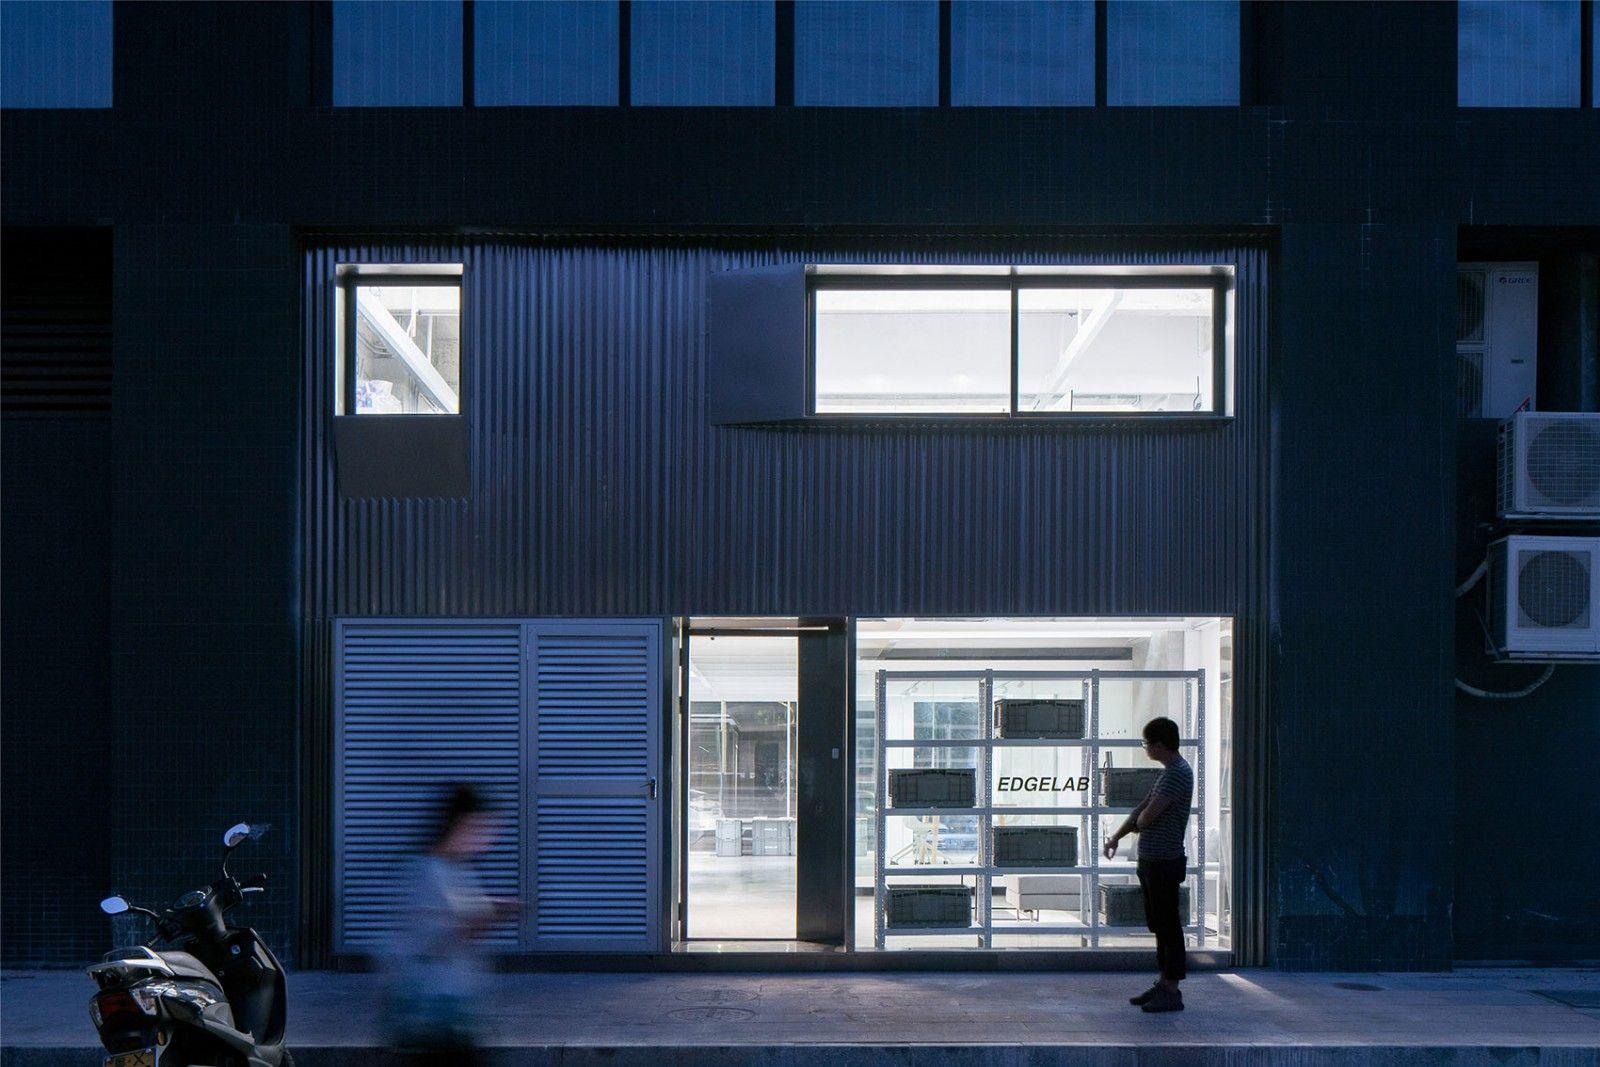 移动的玻璃盒子,广东Edgelab办公空间 | Edgelab边界实验工作室|黄智武、何钢荣 - 22